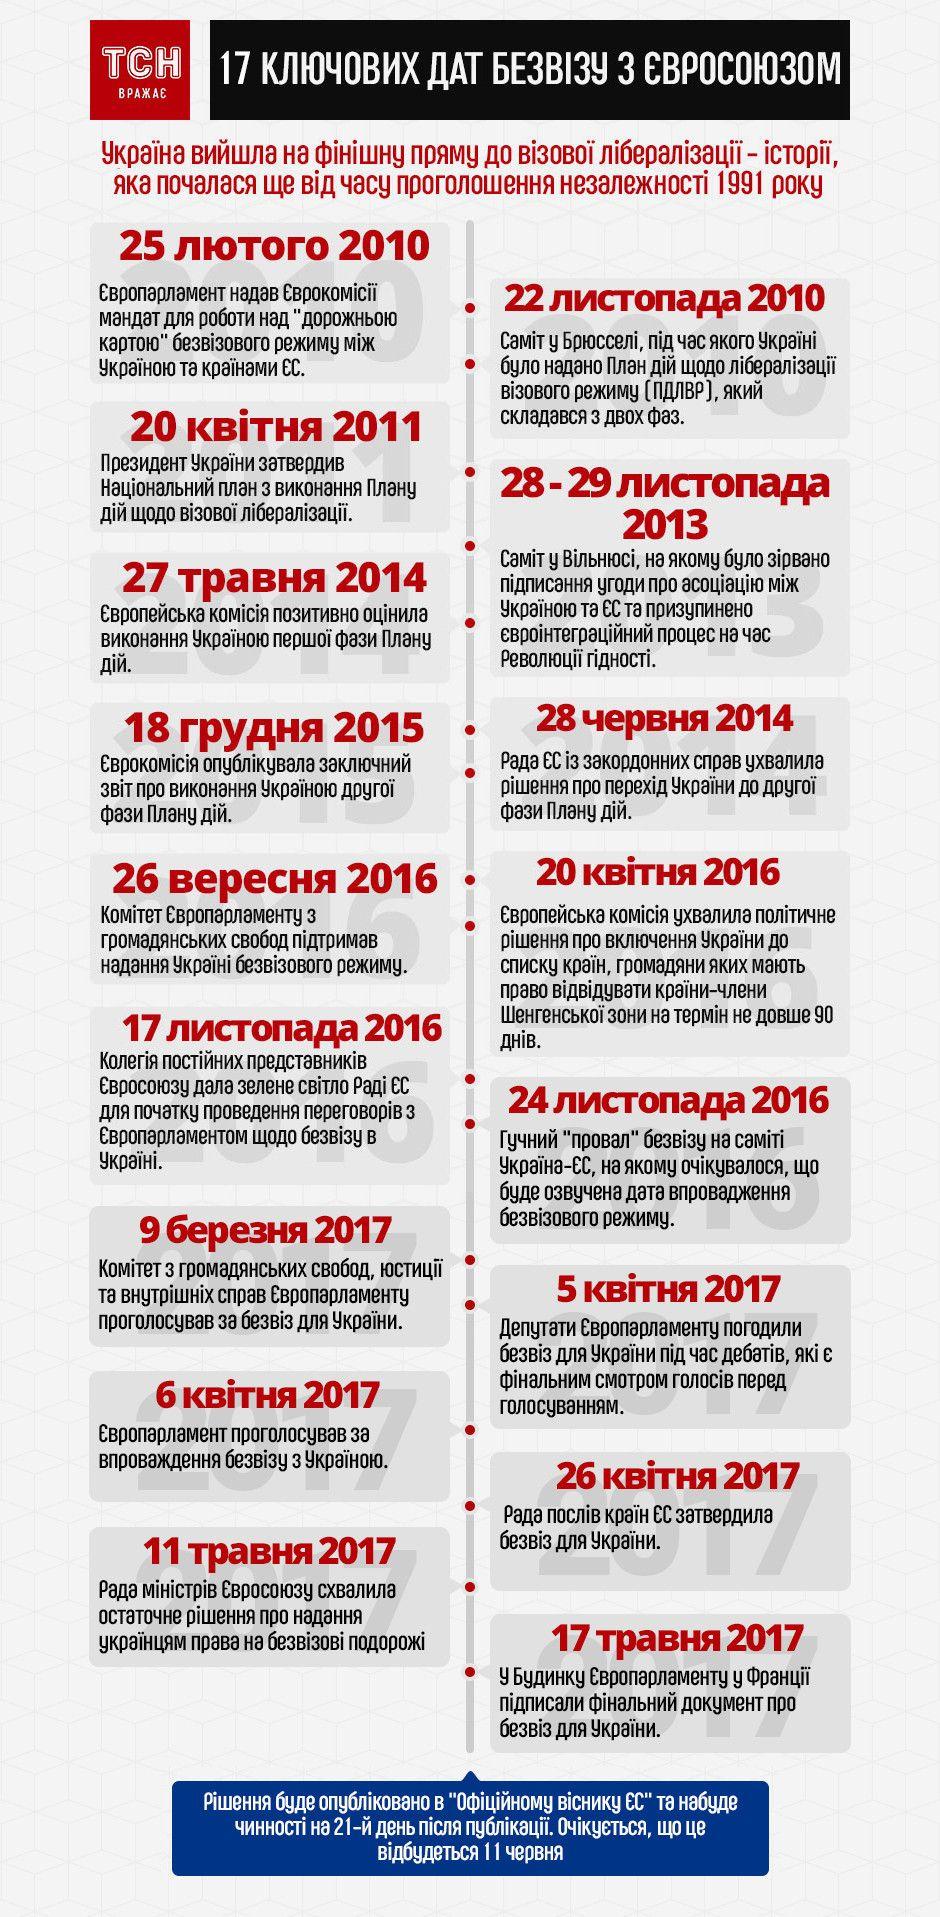 Безвіз. Інфографіка 17 травня